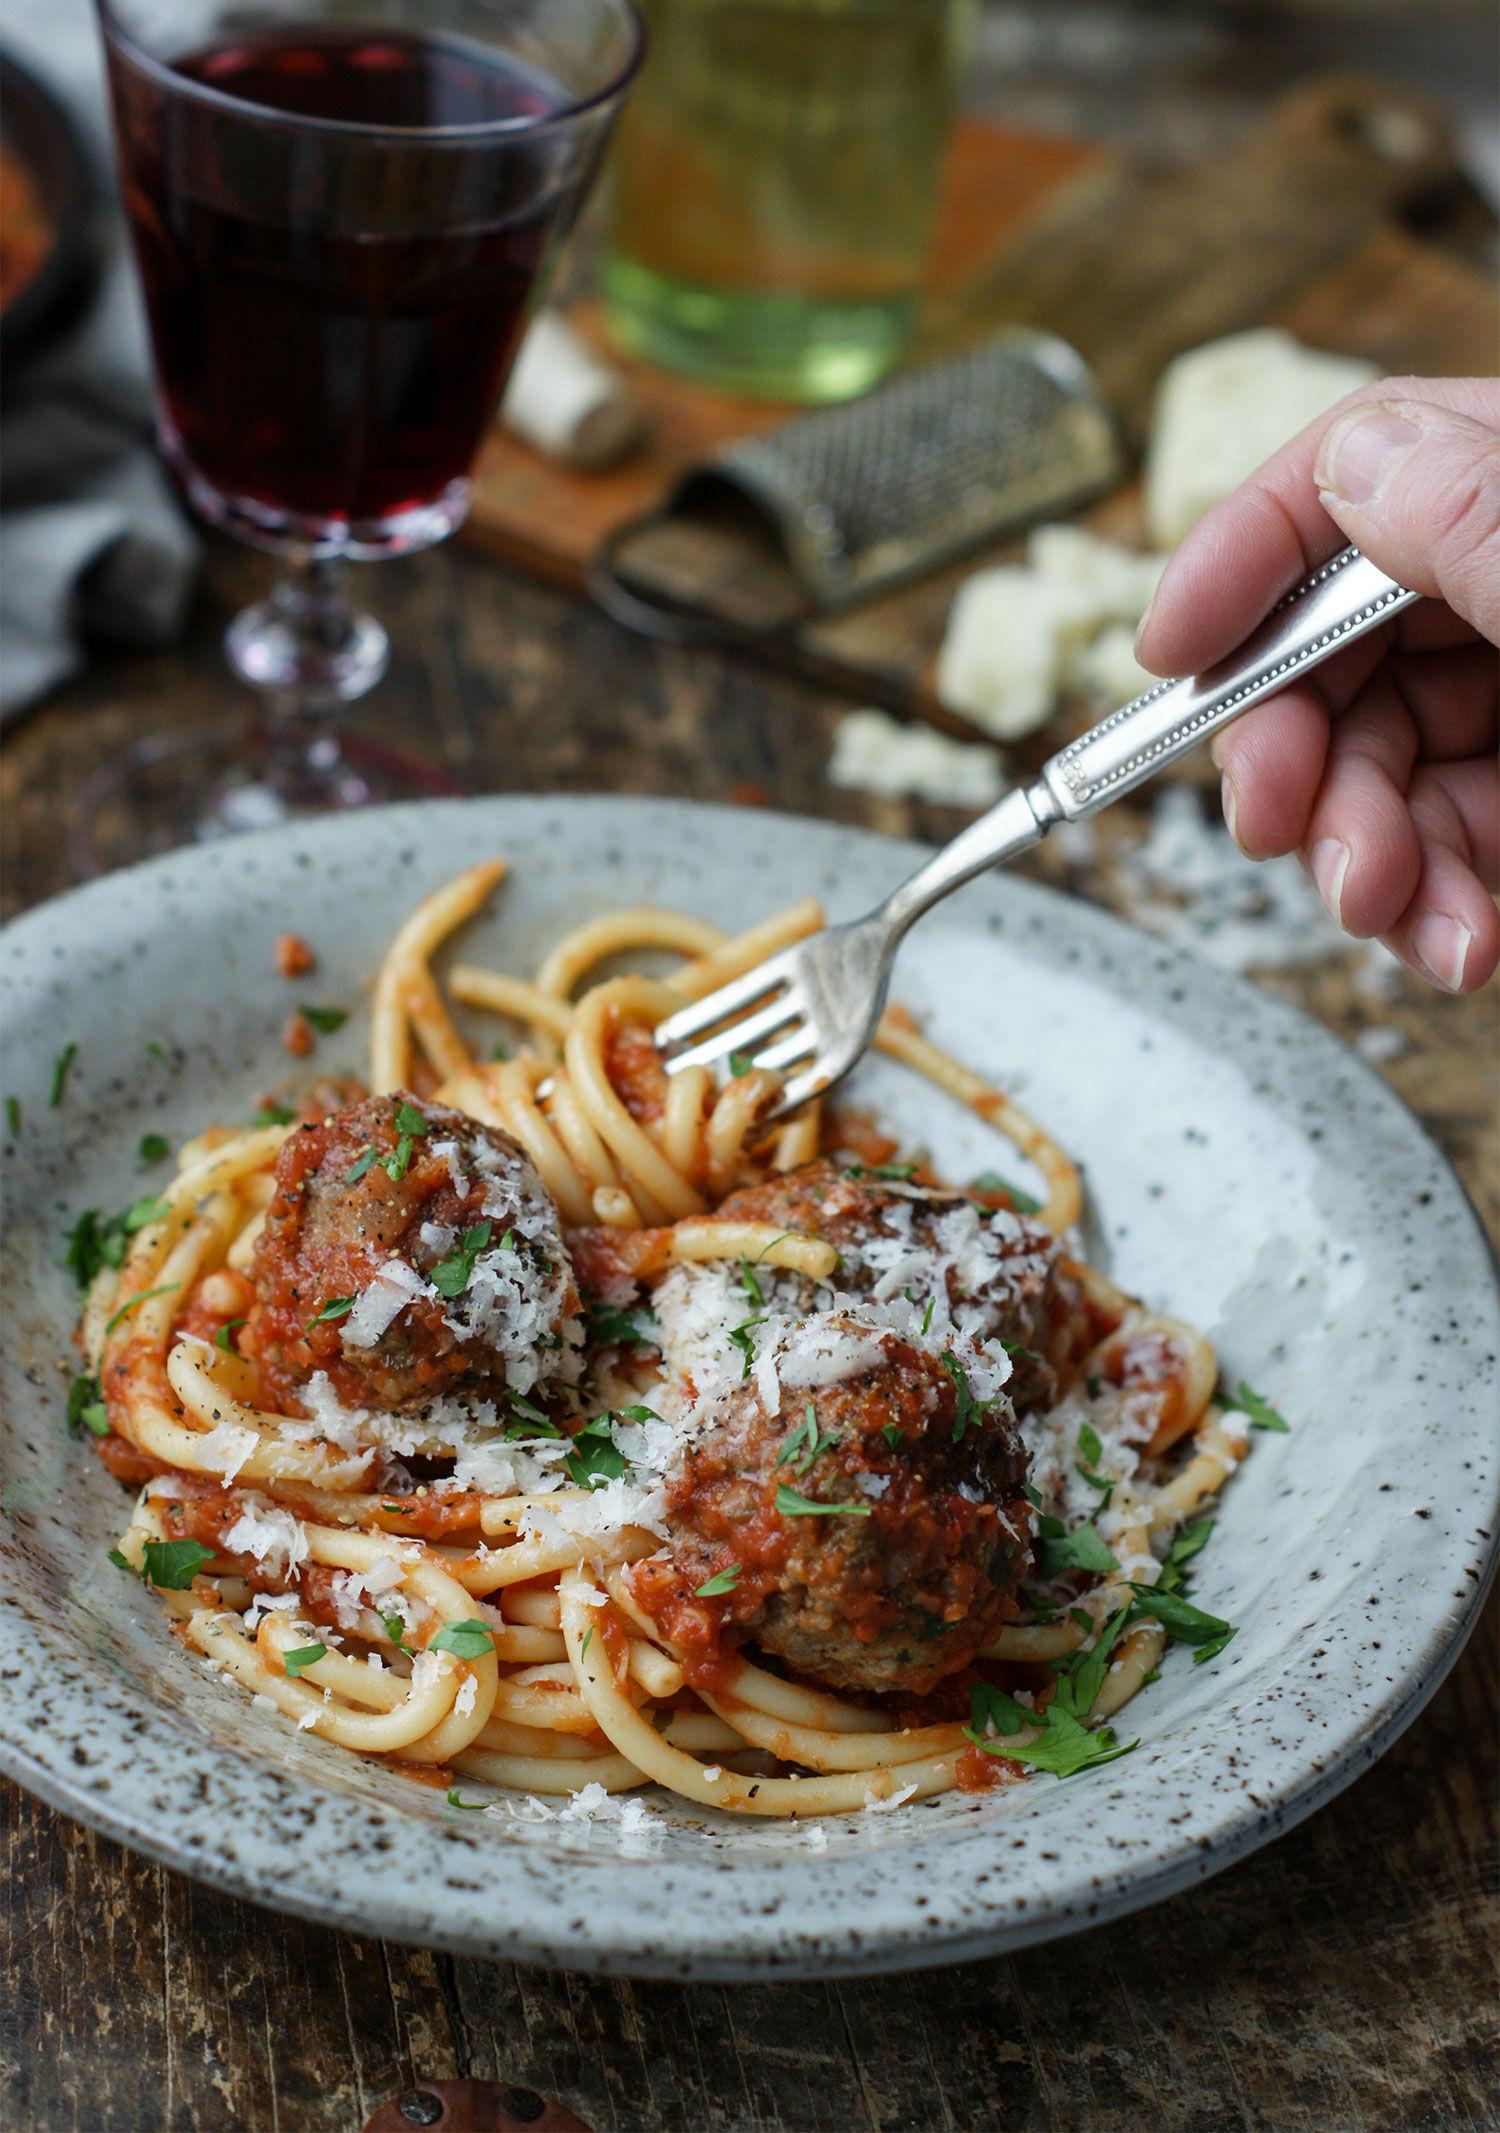 Spaghetti på gaffel med italienska köttbullar i tomatsås